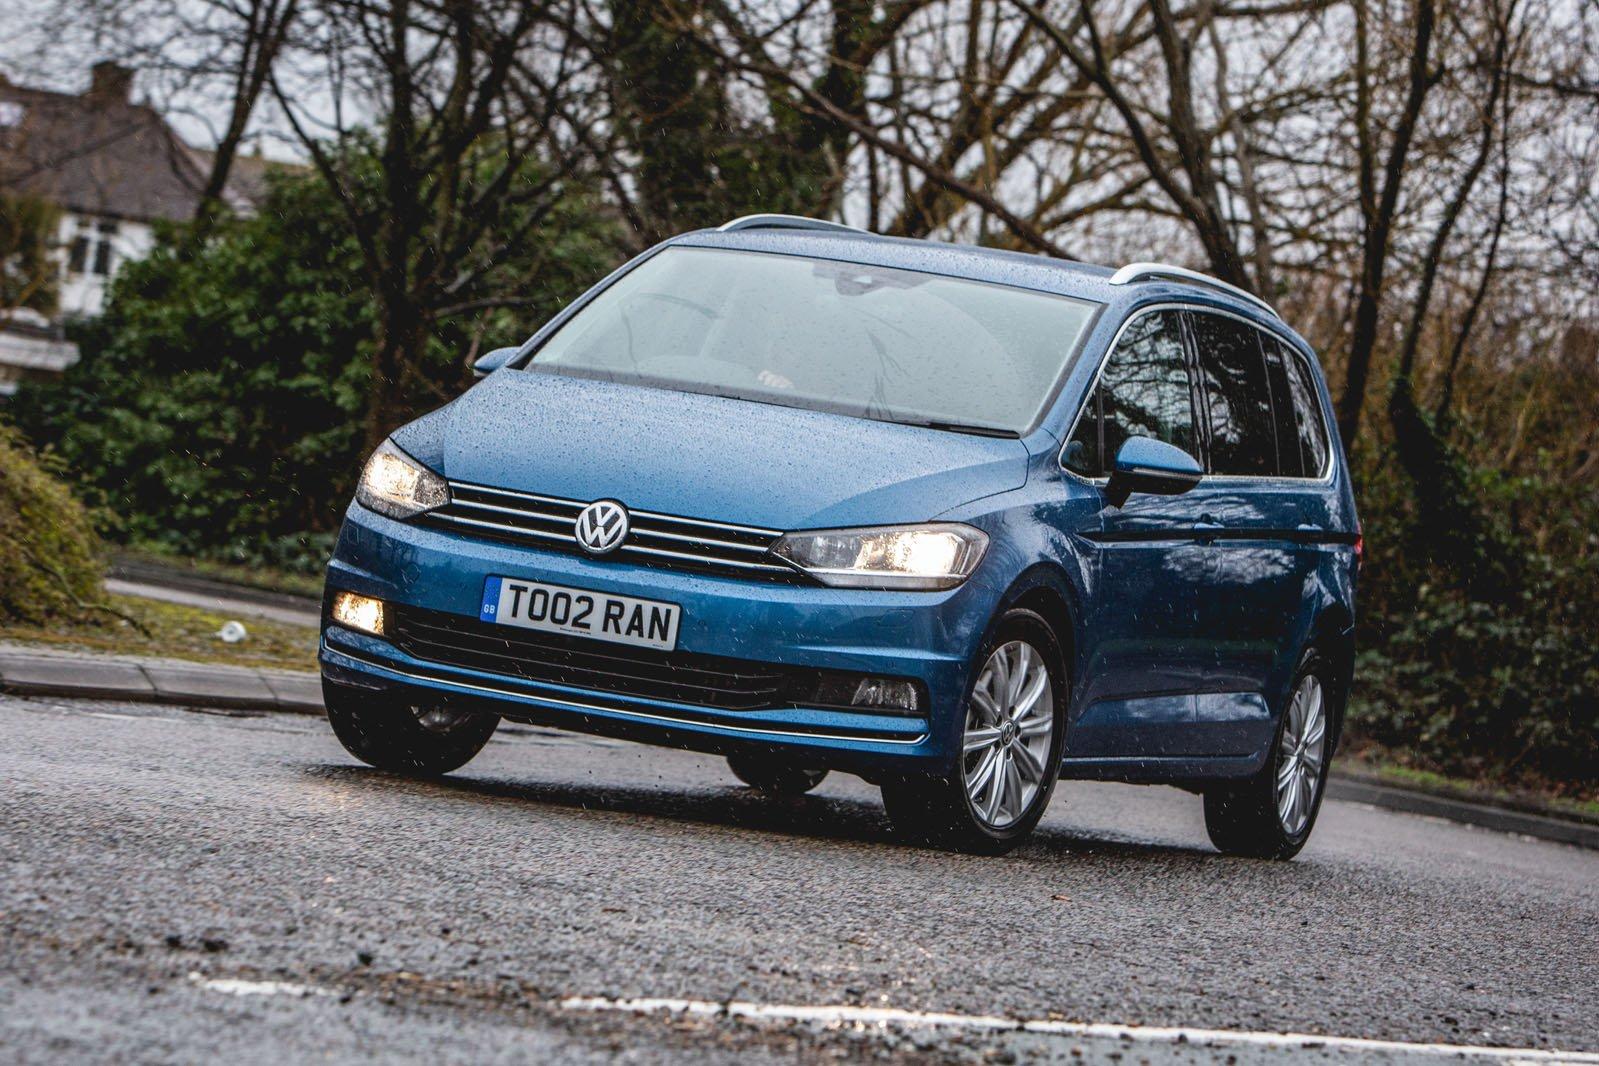 2018 Volkswagen Touran 1.6 TDI SE Family auto